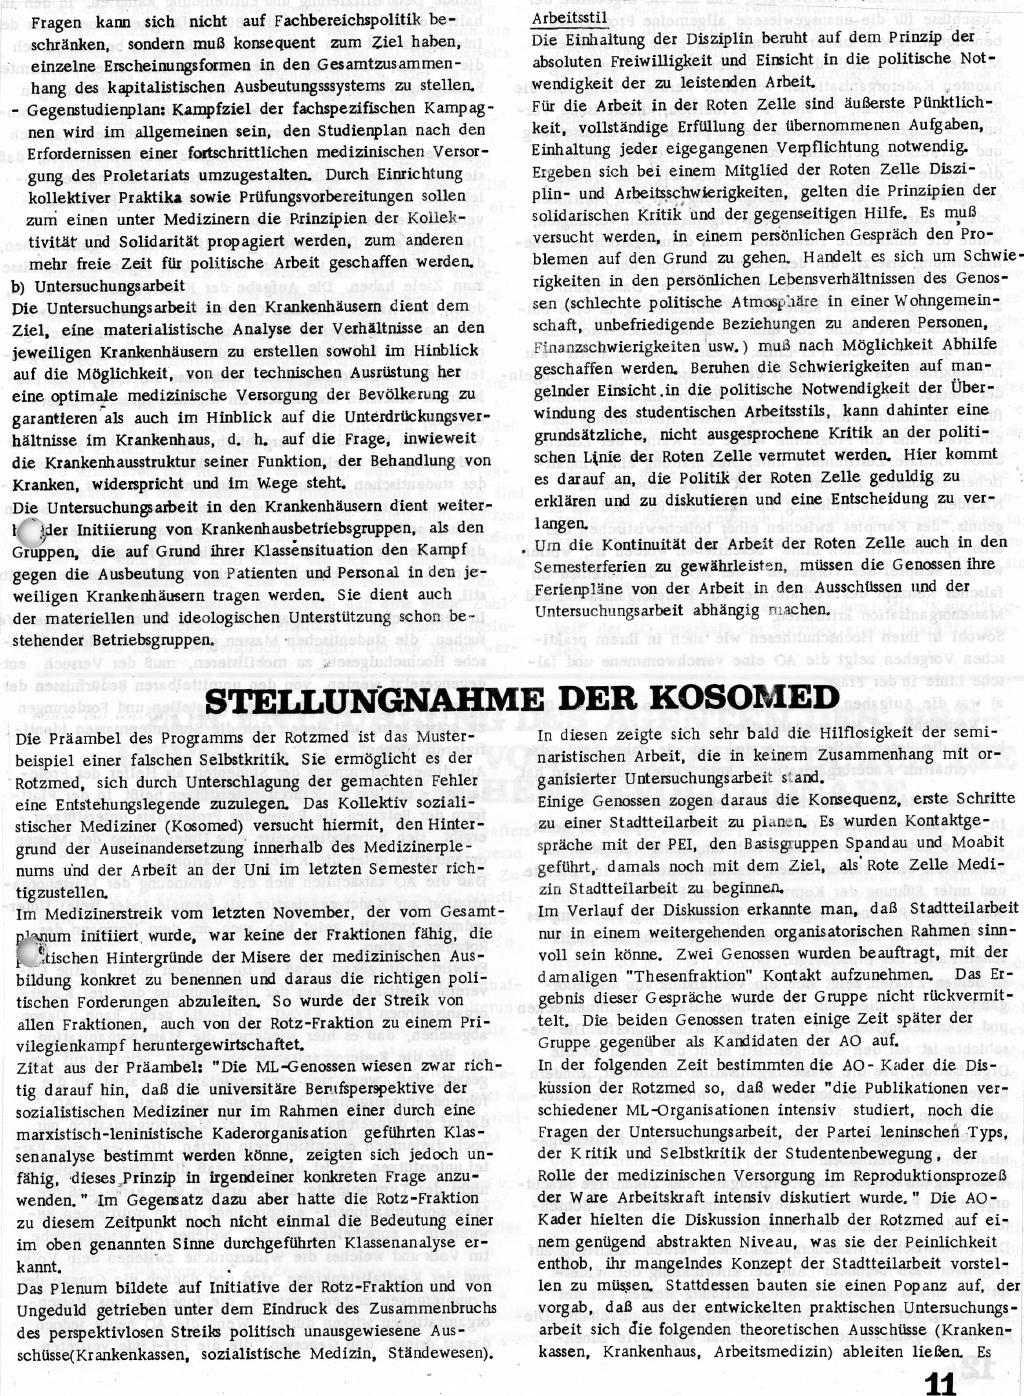 RPK_1970_069_11